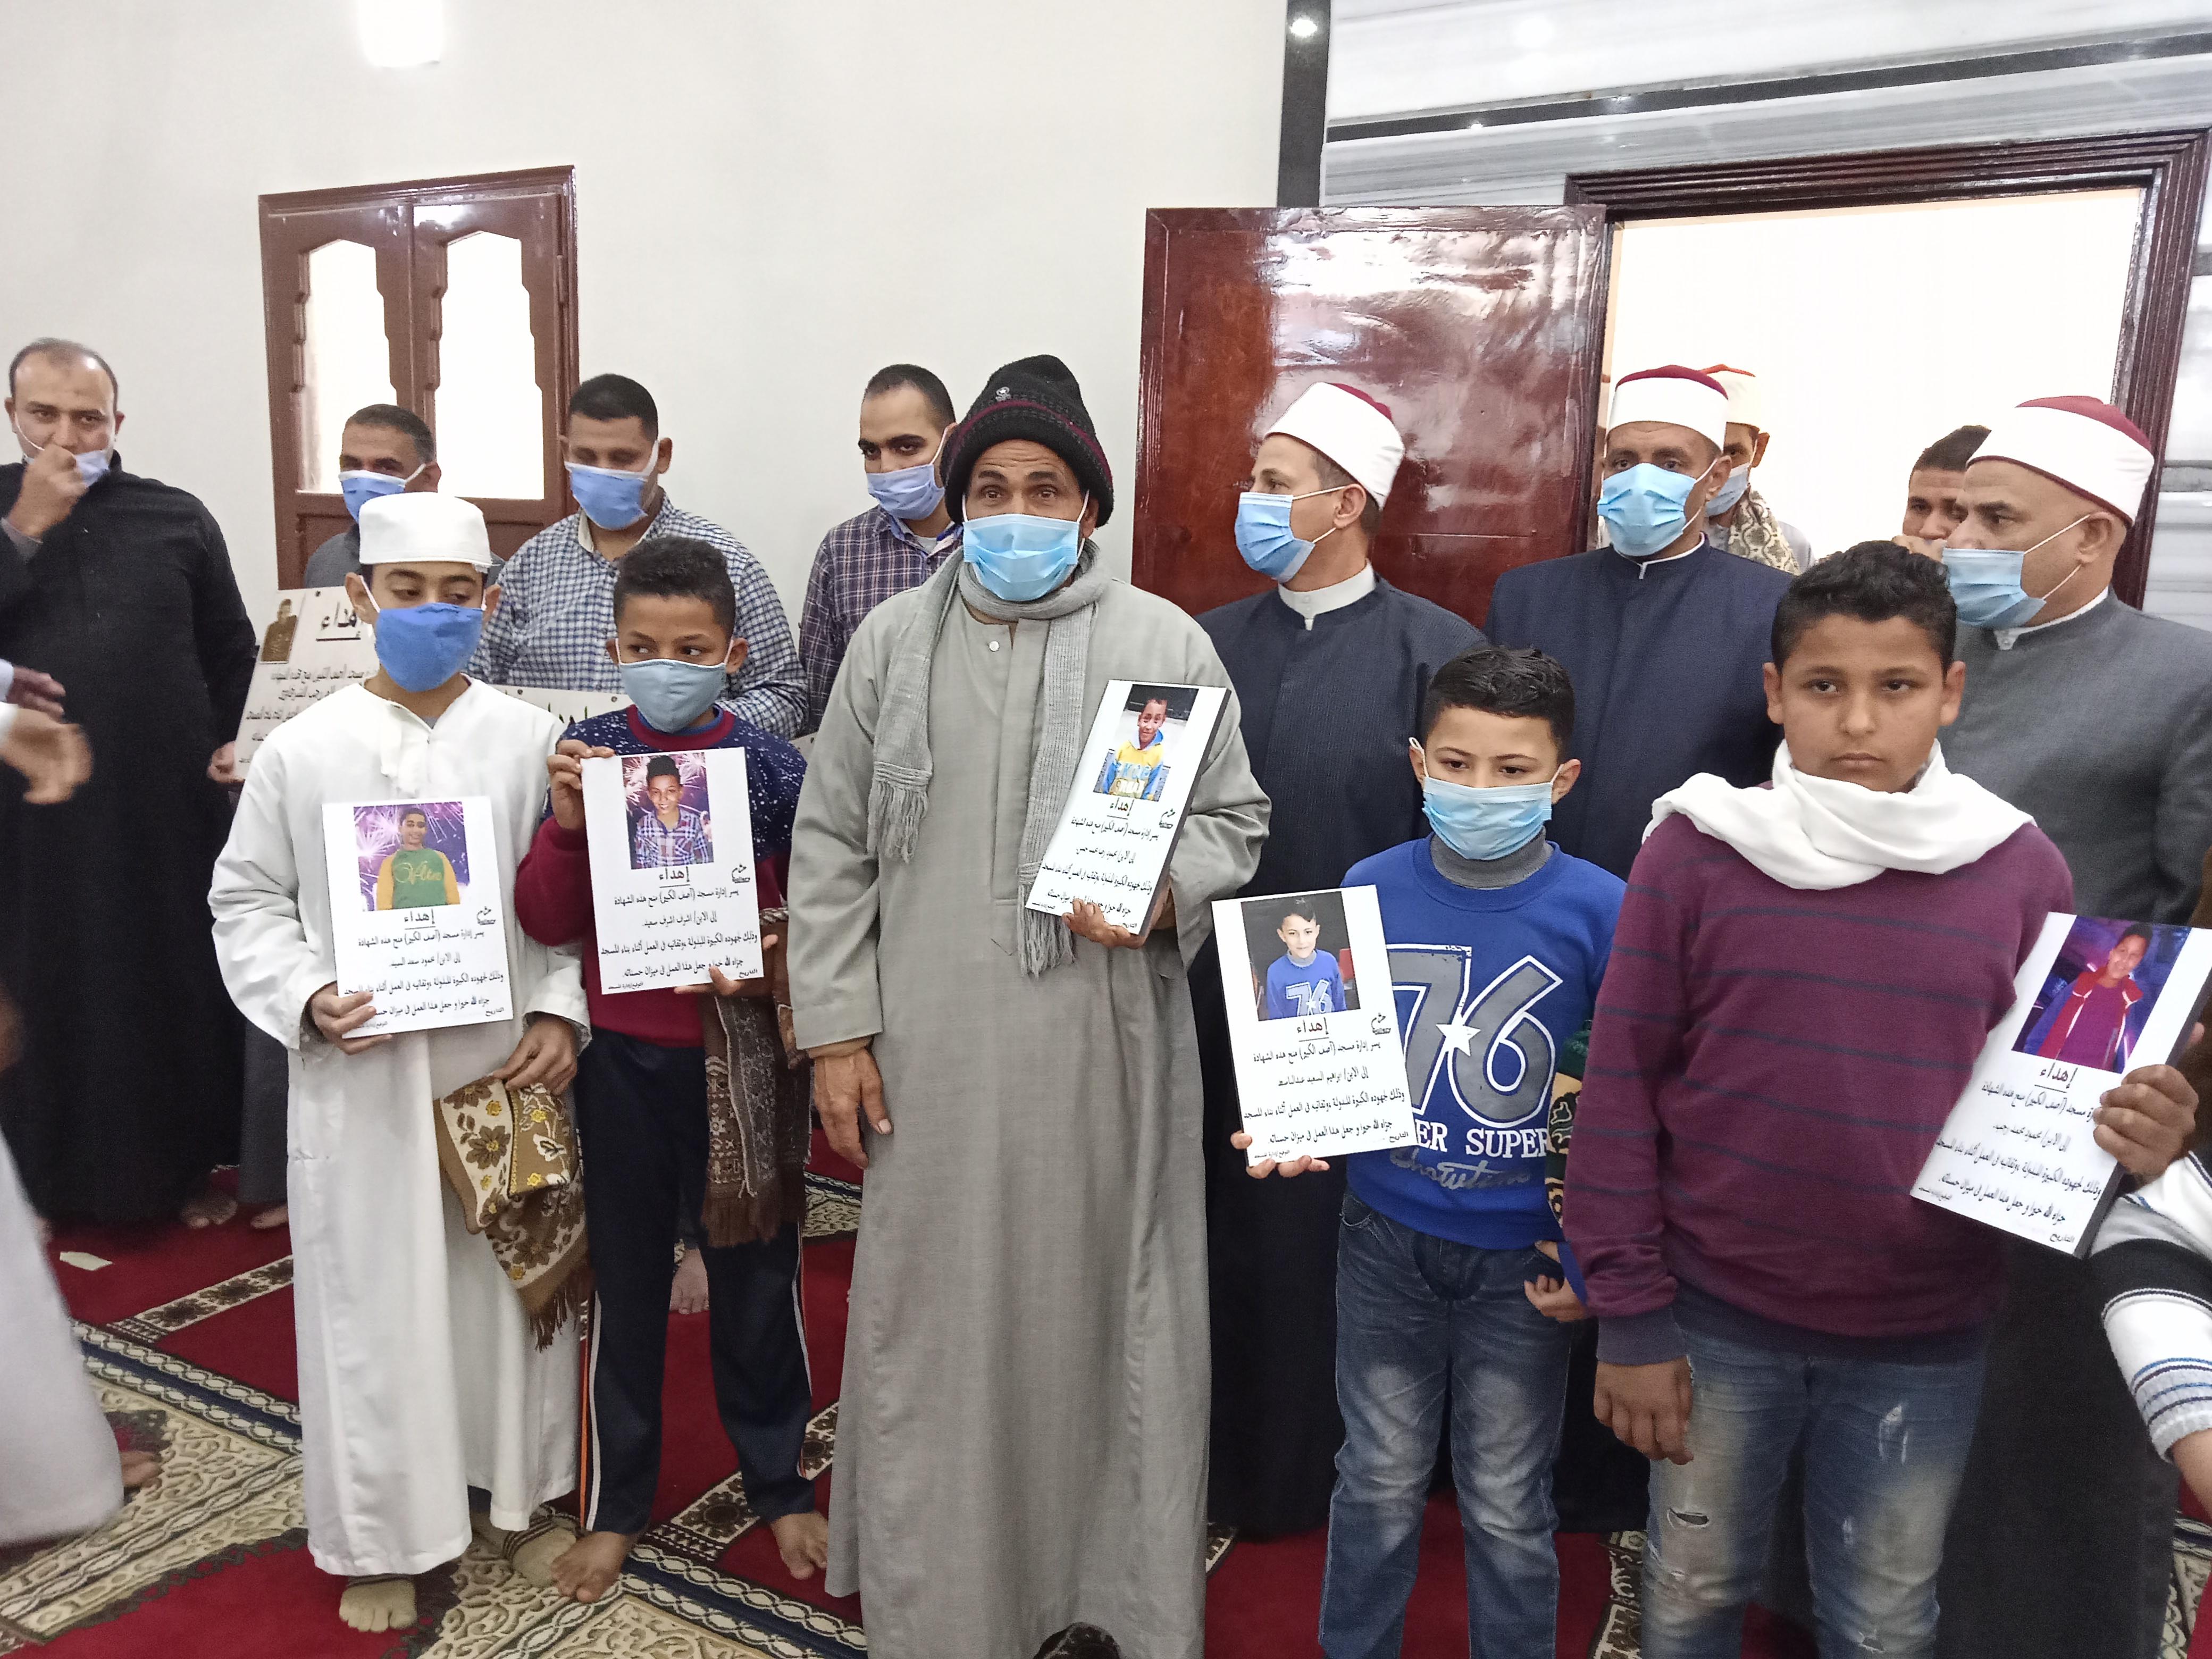 جانب من تكريم الاطفال لمشاركتهم في بناء مسجد